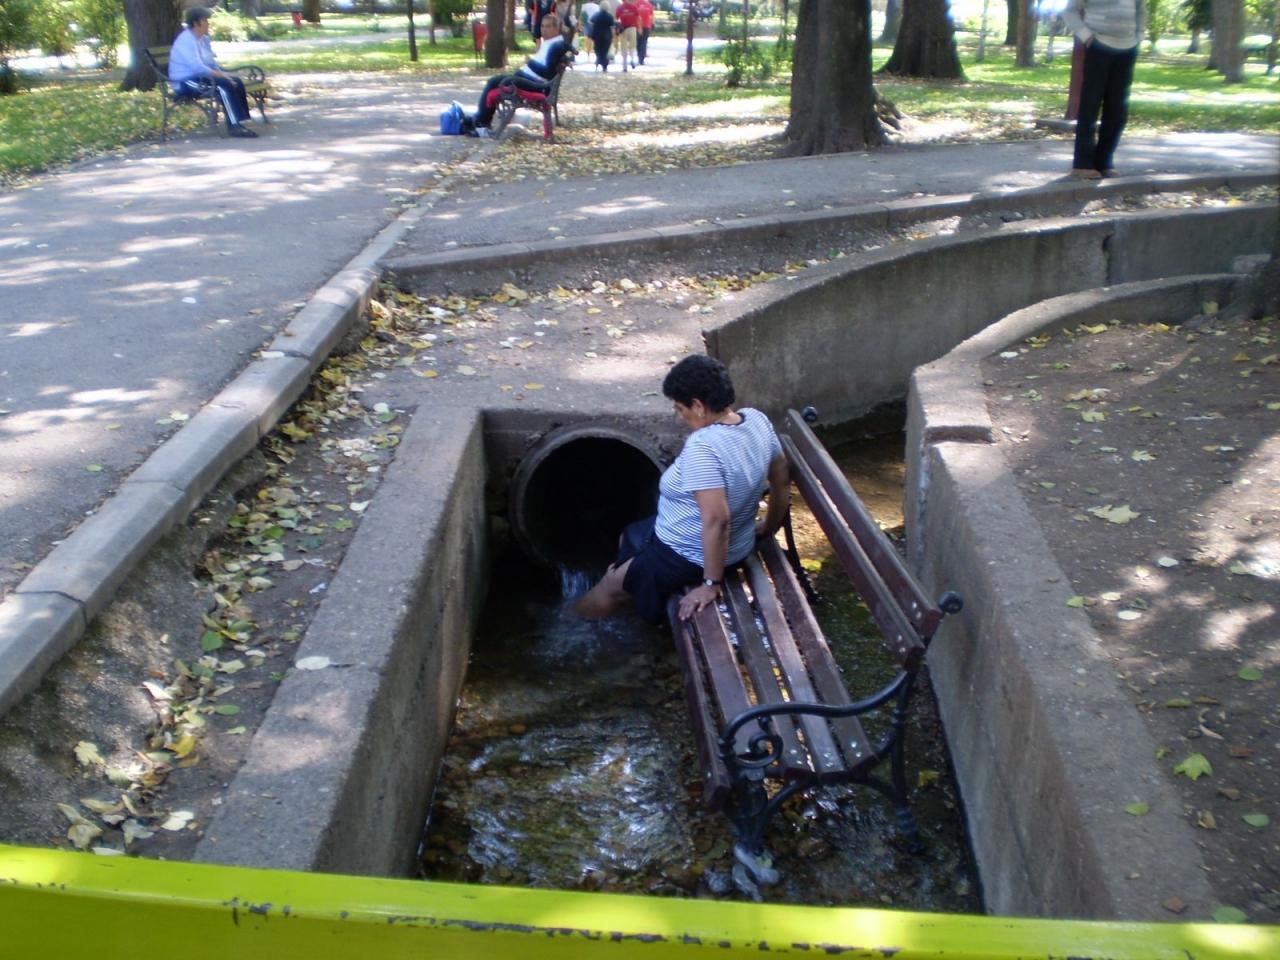 brckanje nogu u potoku